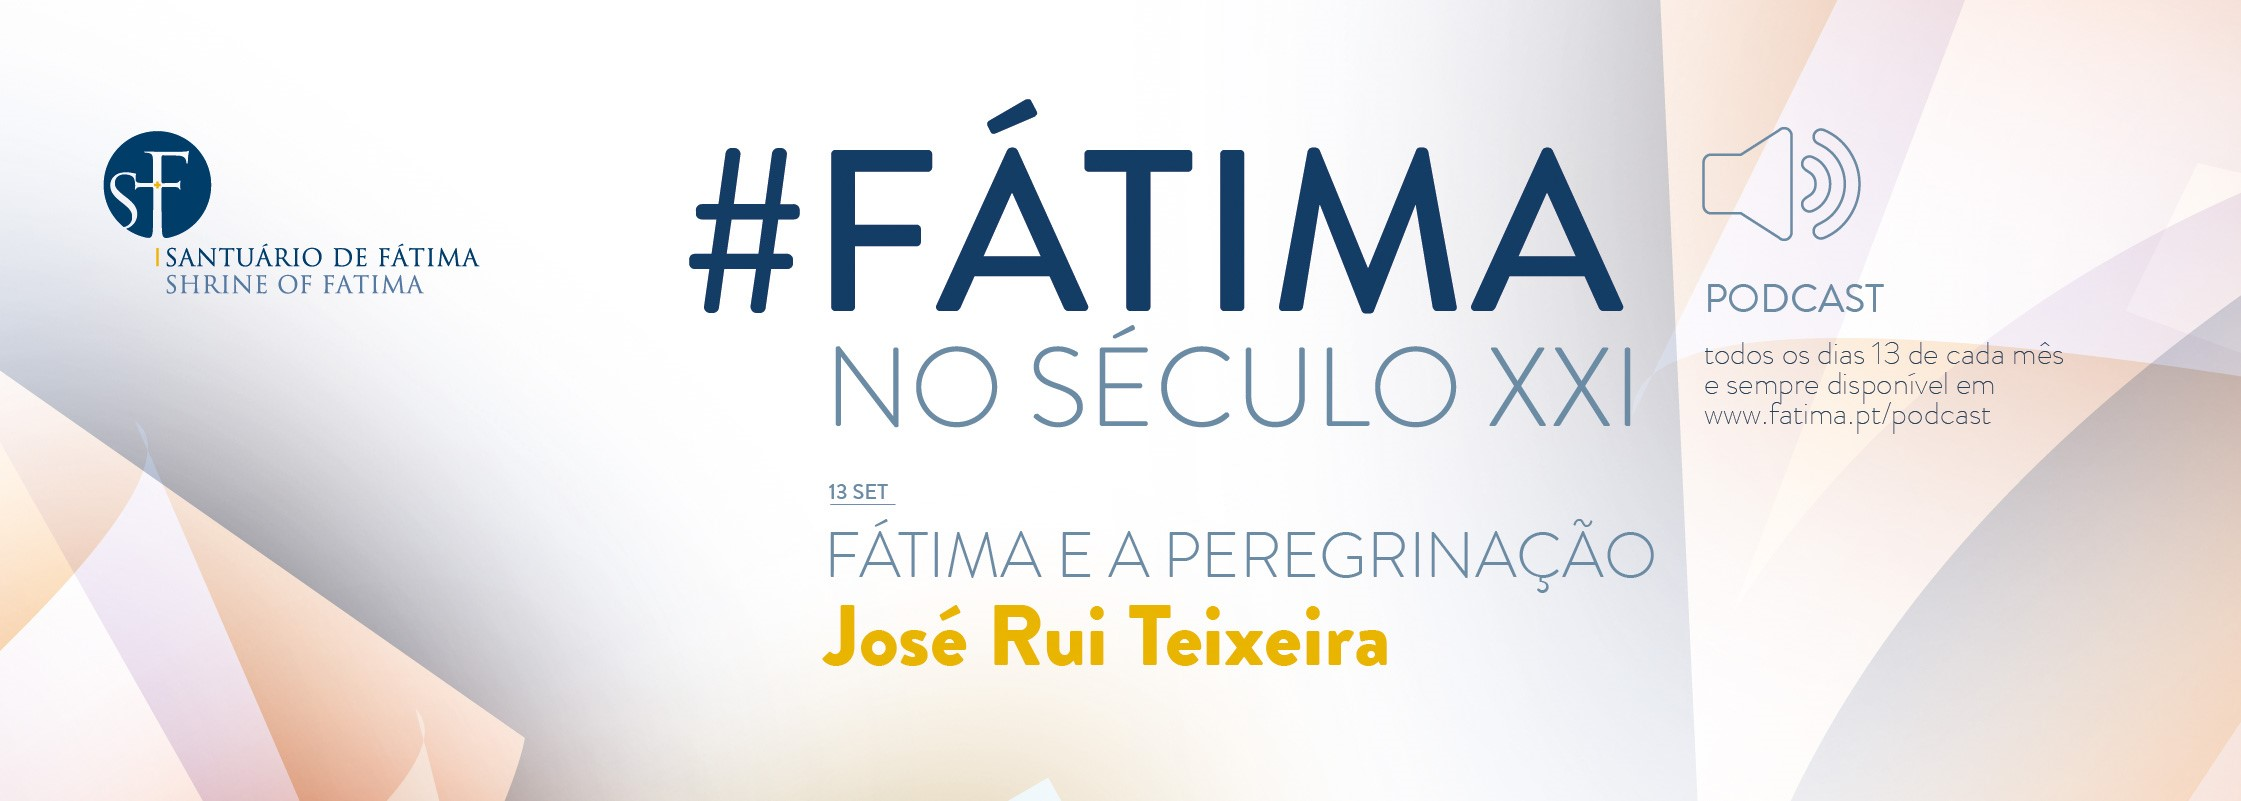 2019-09-13_banner_Jose_Rui_Teixeira.jpg